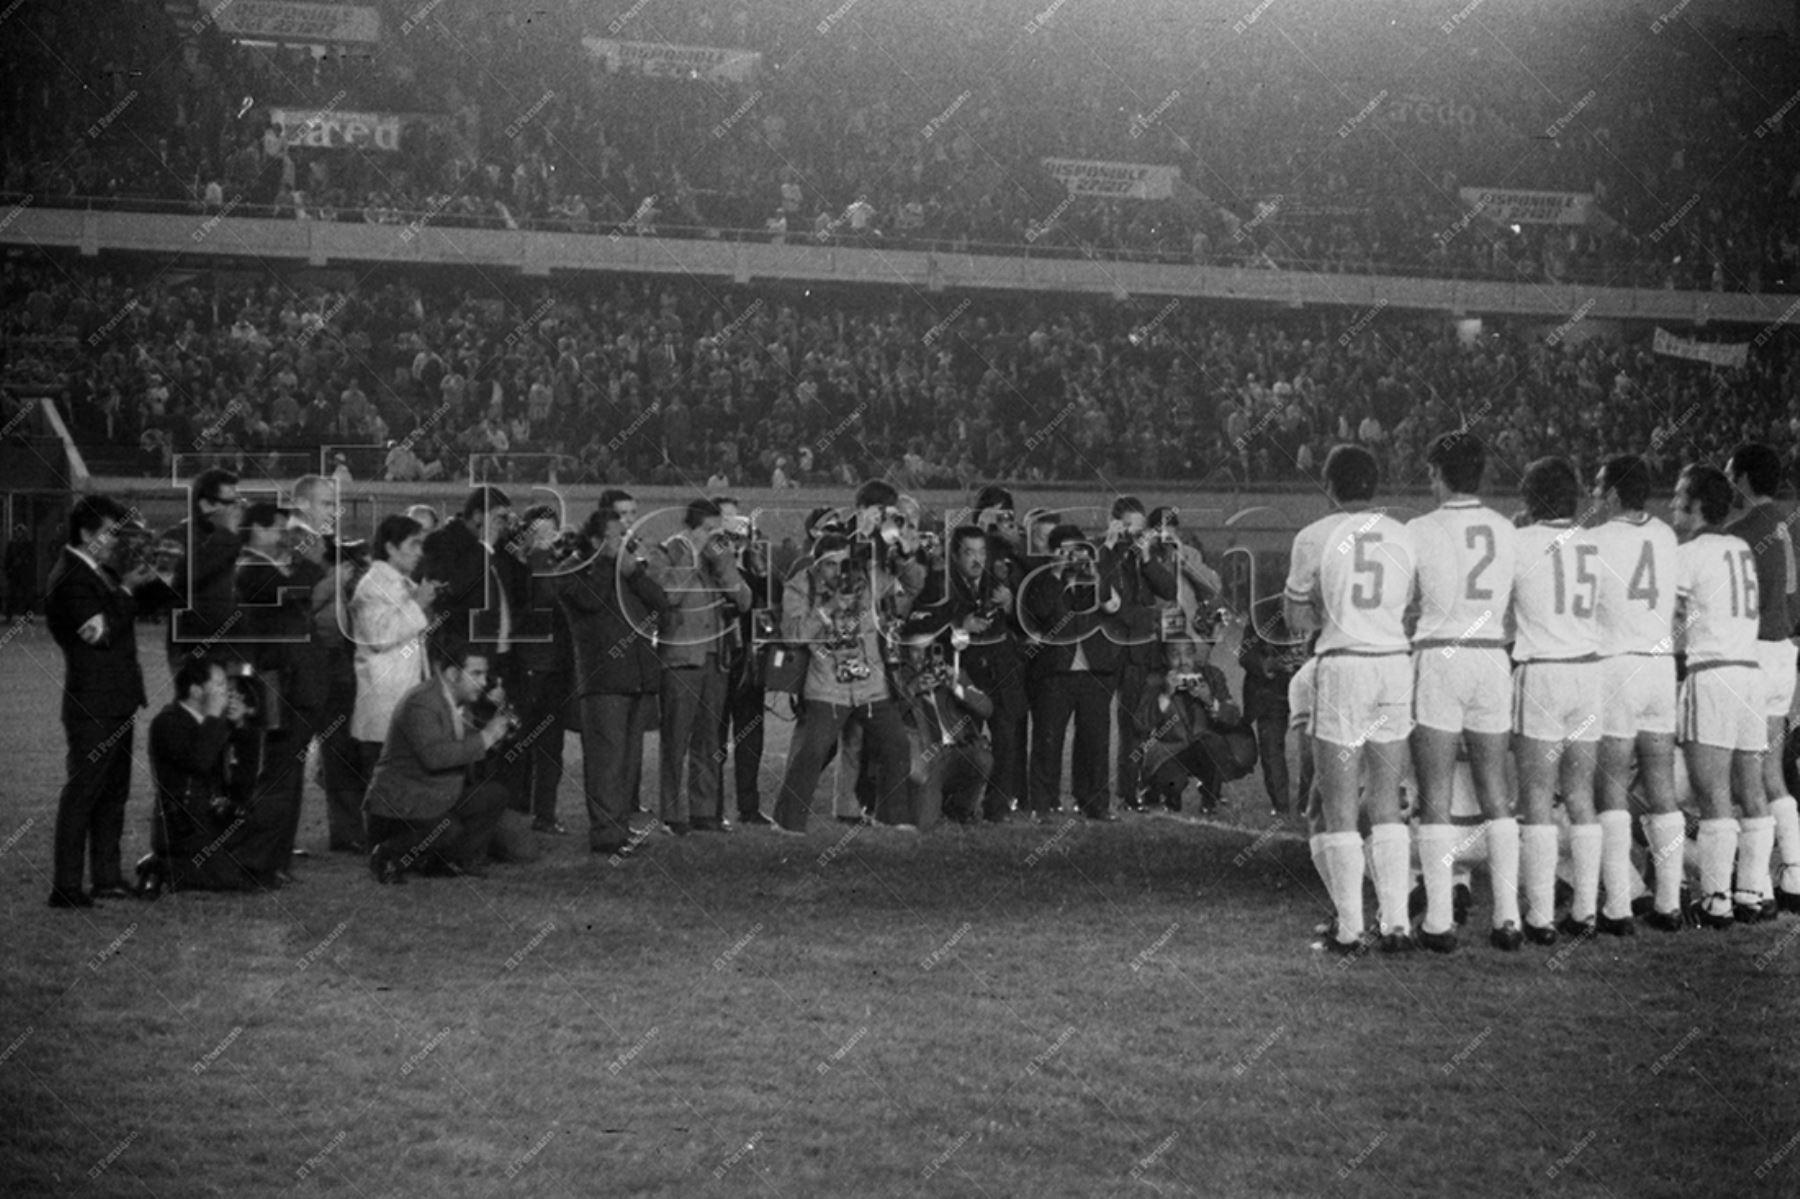 Lima - 9 junio 1971 / El cuadro del Nacional de Uruguay forma para los fotógrafos en el Estadio Nacional. Los uruguayos se coronaron campeones de la Copa Libertadores de América  al vencer 2-0 a Estudiantes Argentina. Foto Archivo Histórico de El Peruano